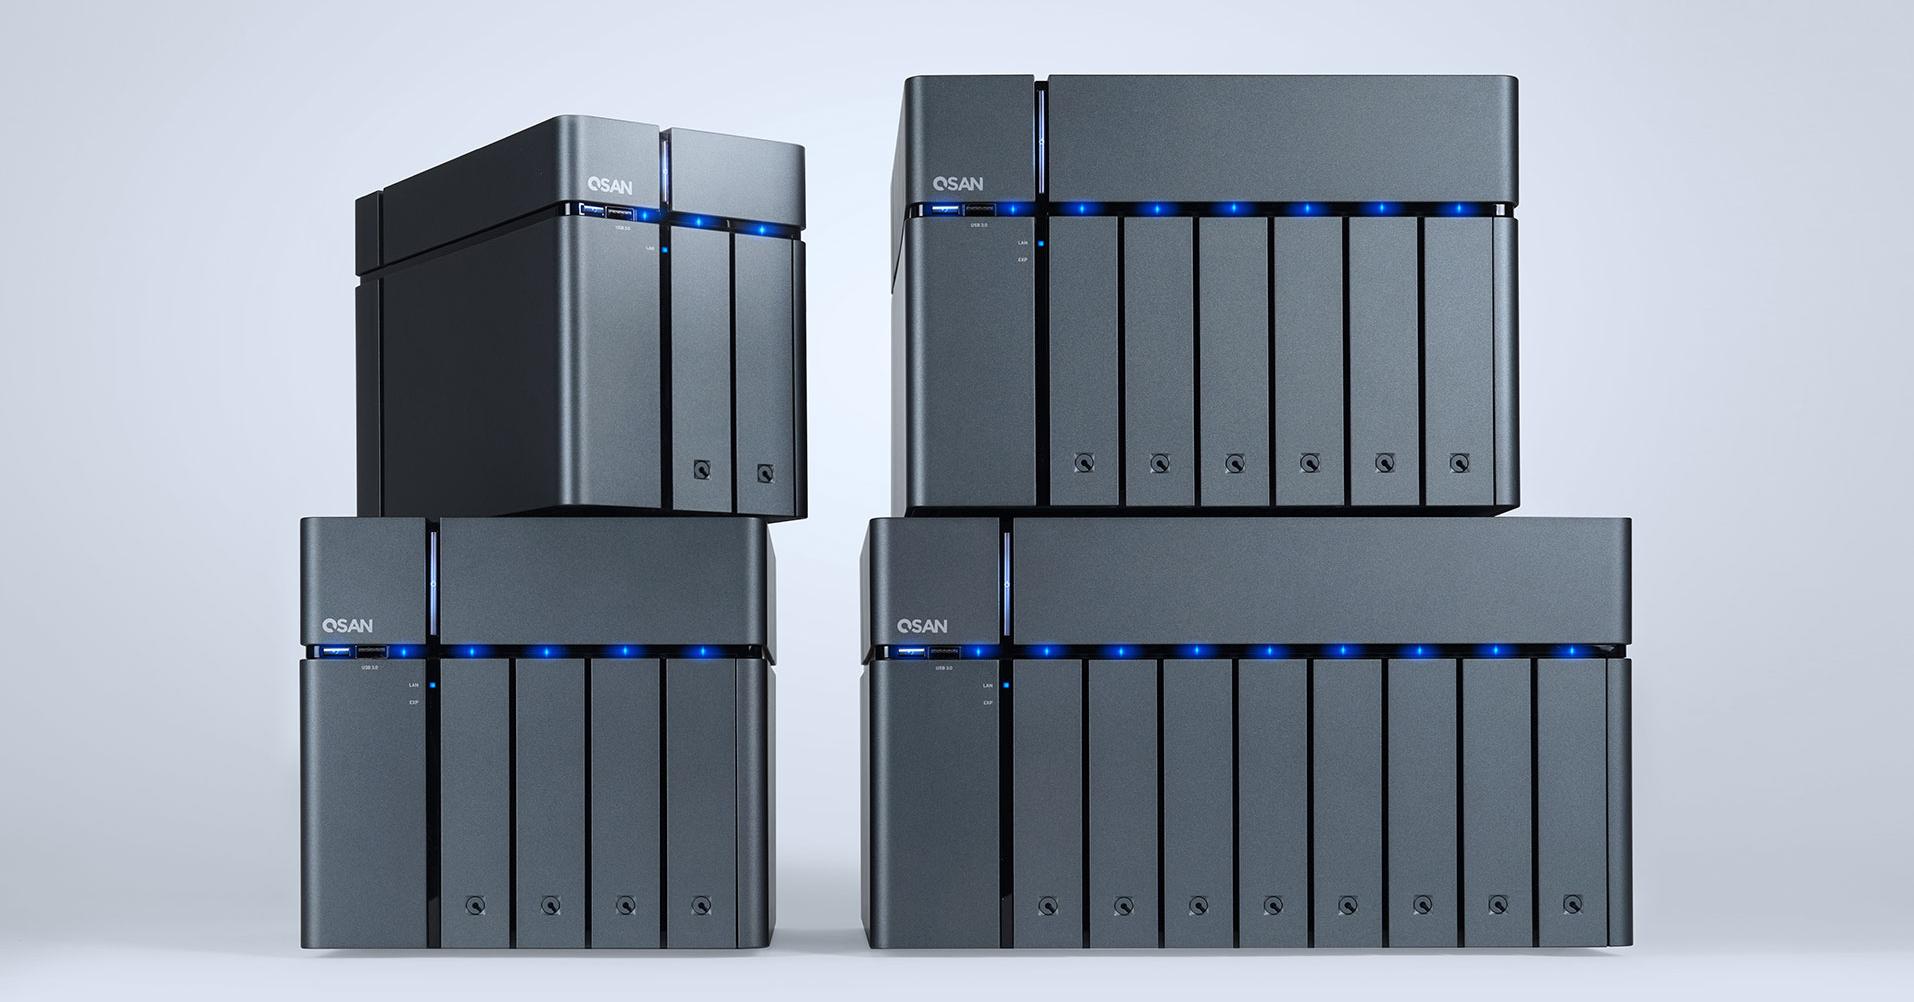 QSAN榮獲2019年iF設計獎,XCubeNAS免工具磁碟安裝、配備額外的SSD插槽自動分層